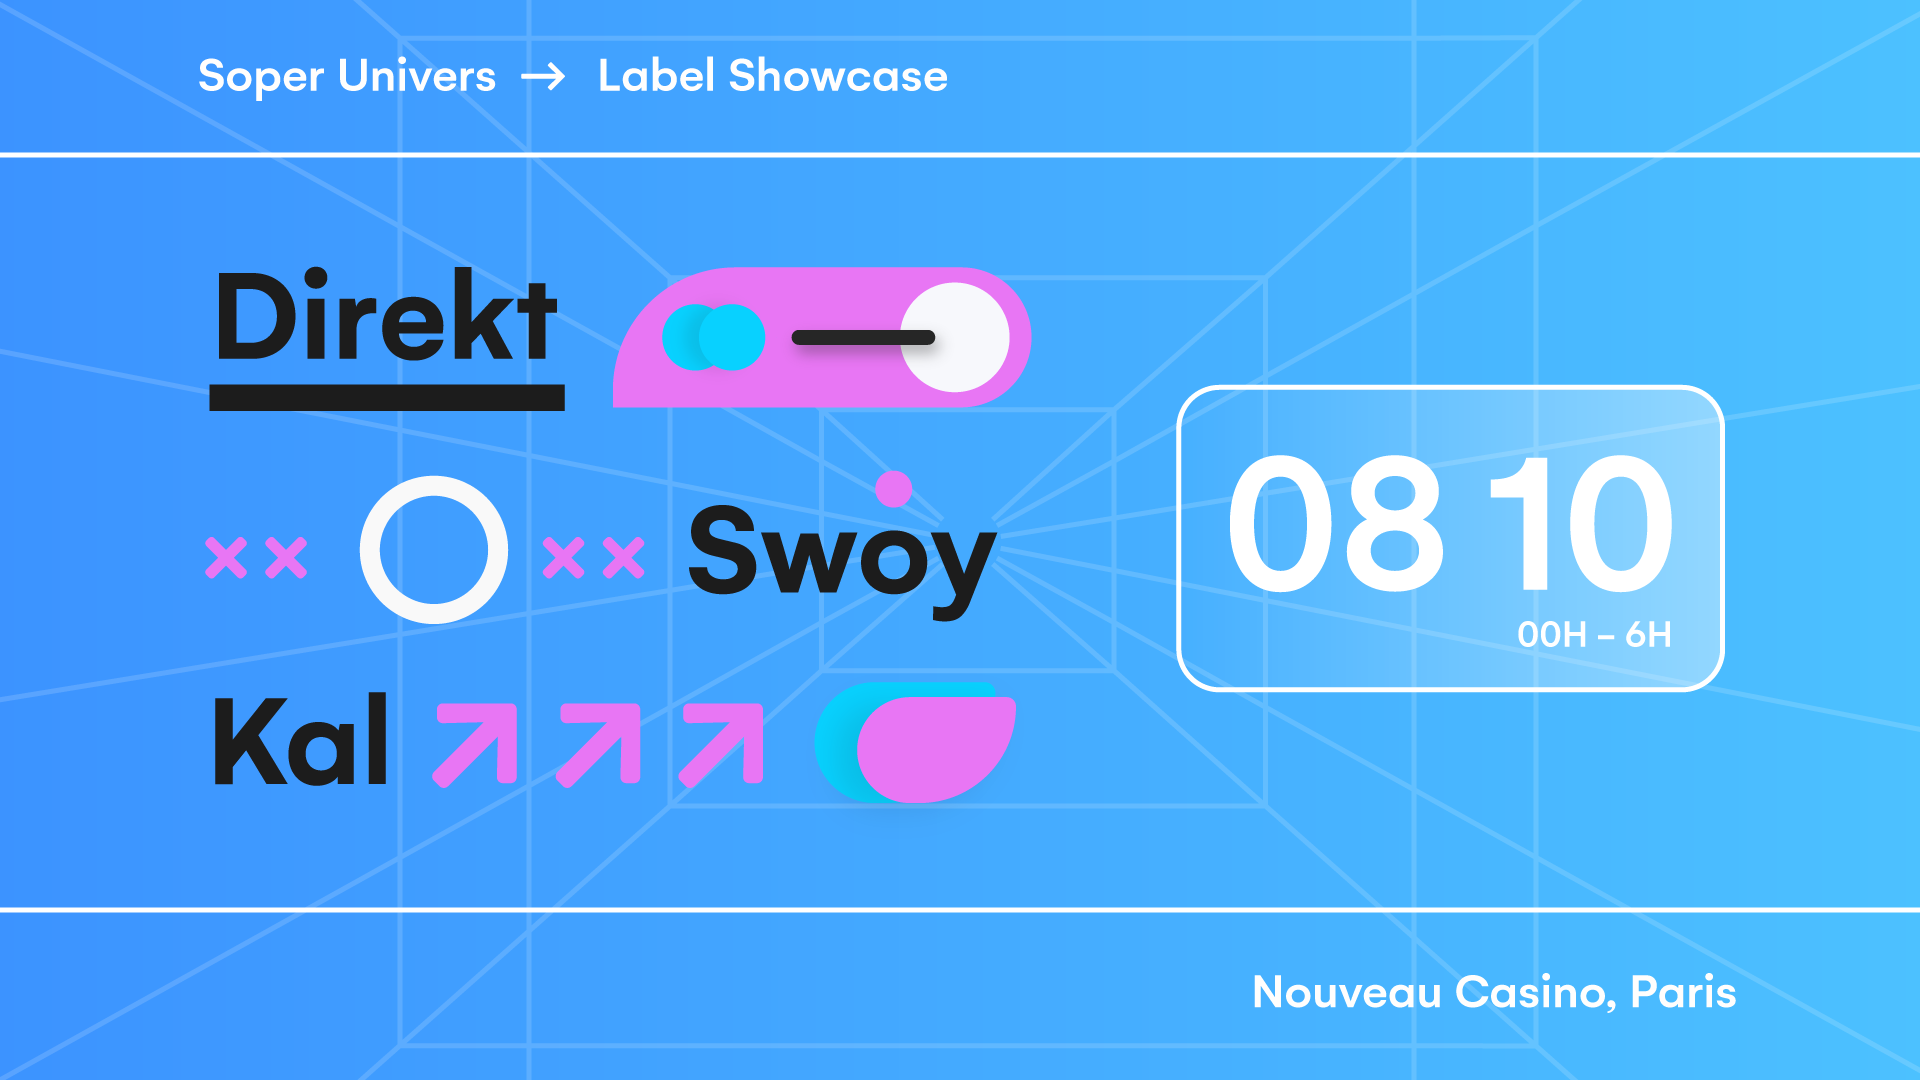 Soper Univers Label Showcase #1 w/ Direkt, Swoy, Kal